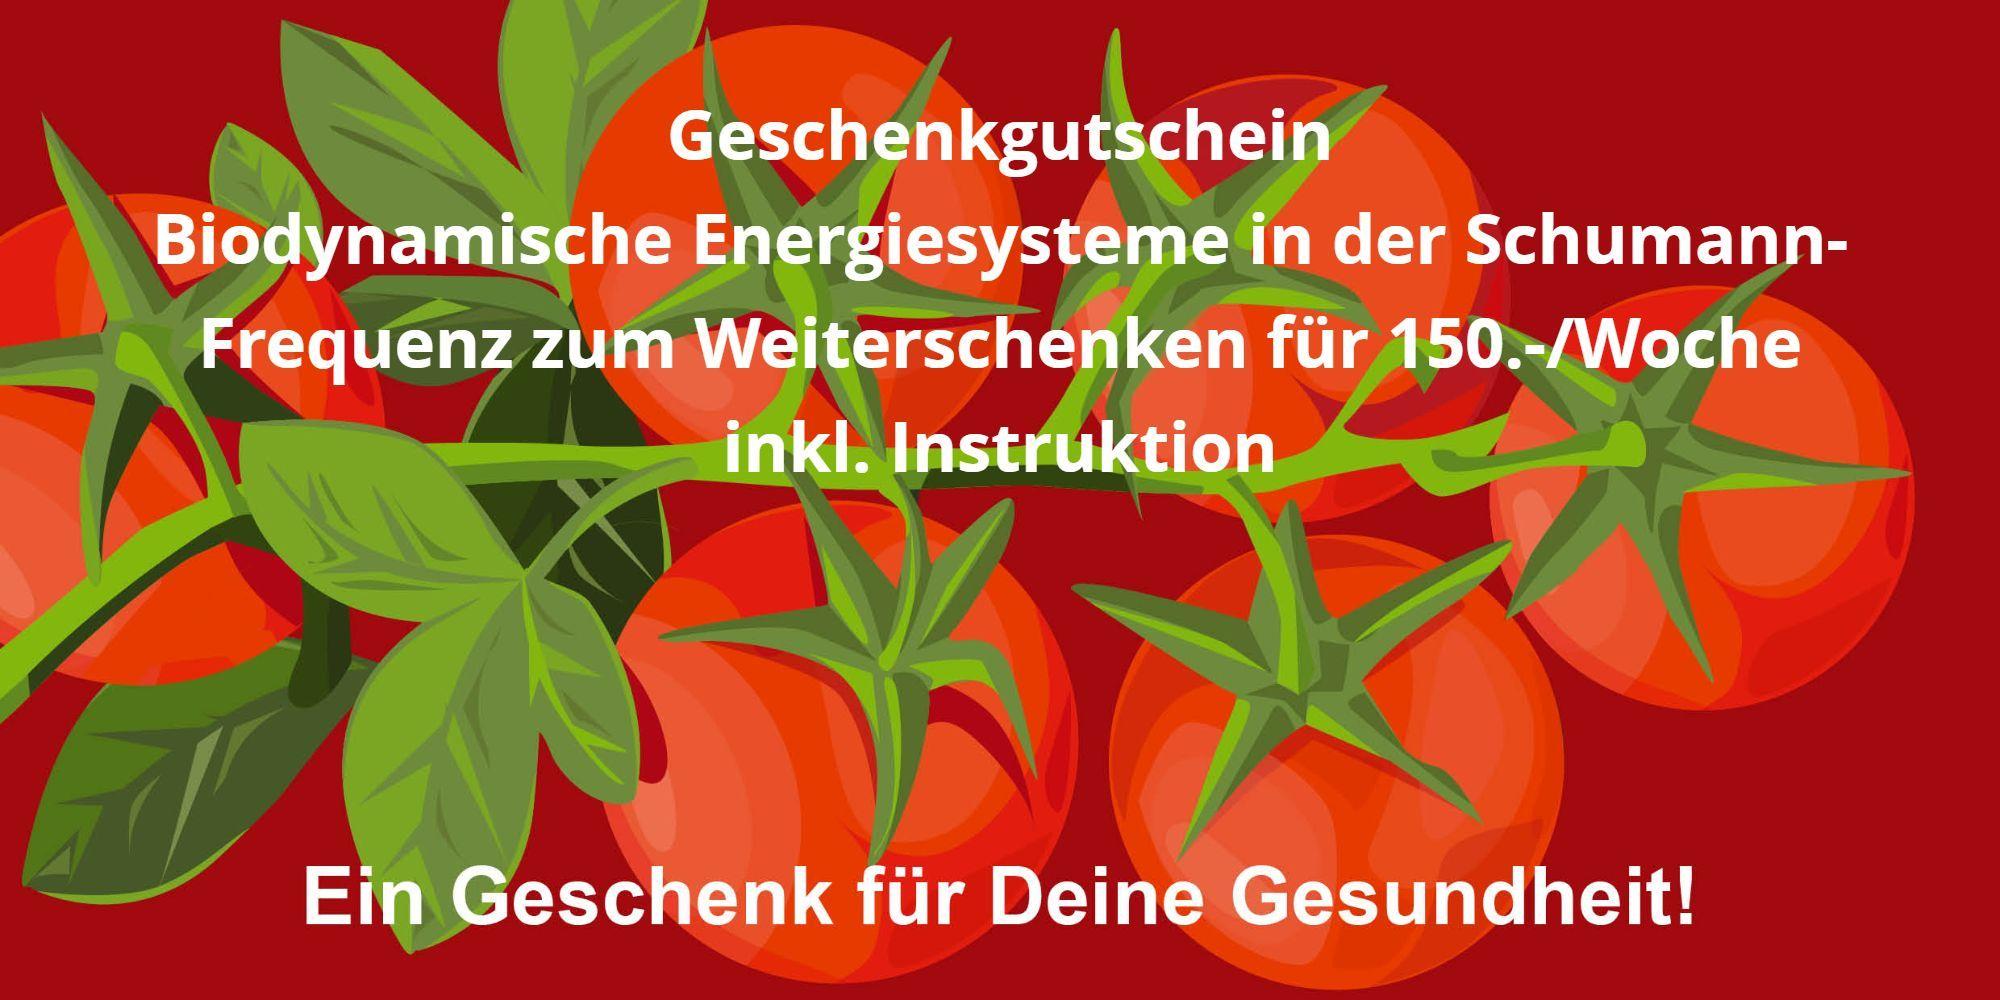 200126_Geschenkgutschein_01_RGBjpg